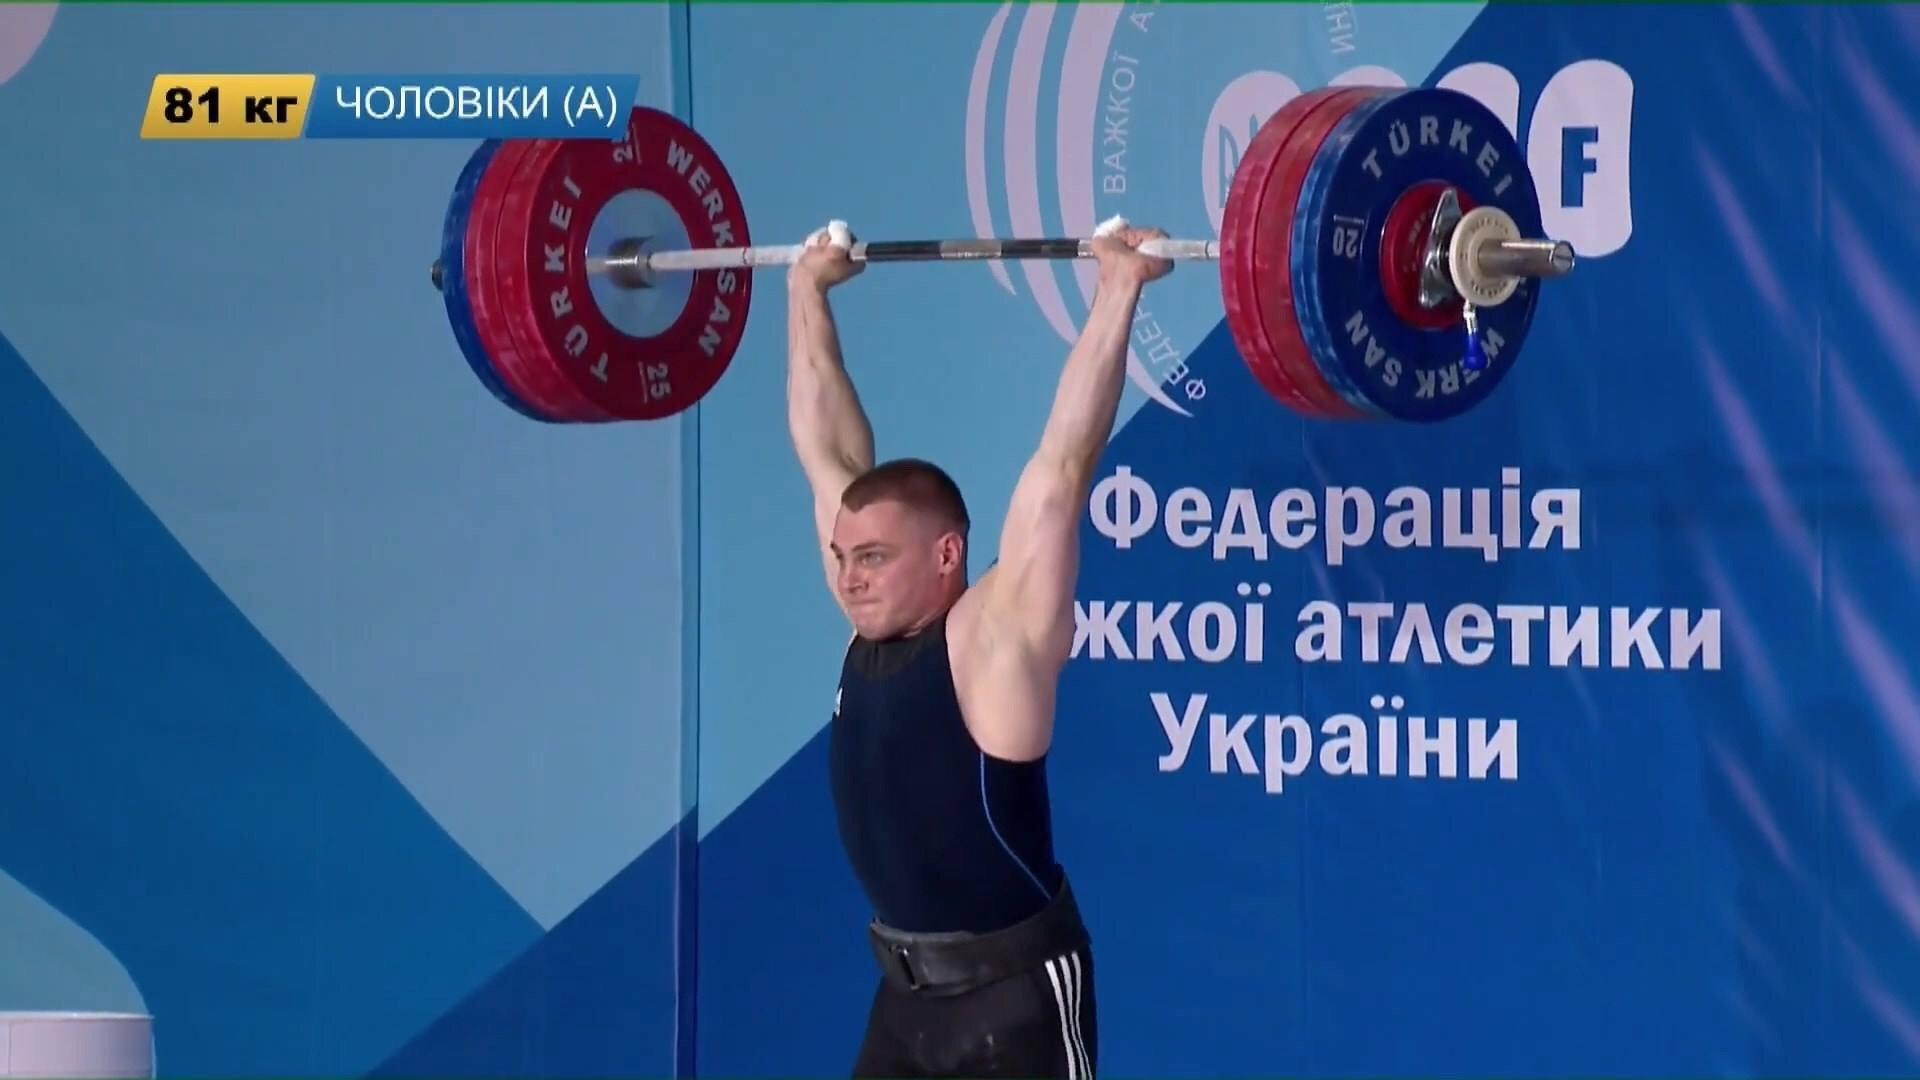 Харьковские тяжелоатлеты — призеры чемпионата Украины